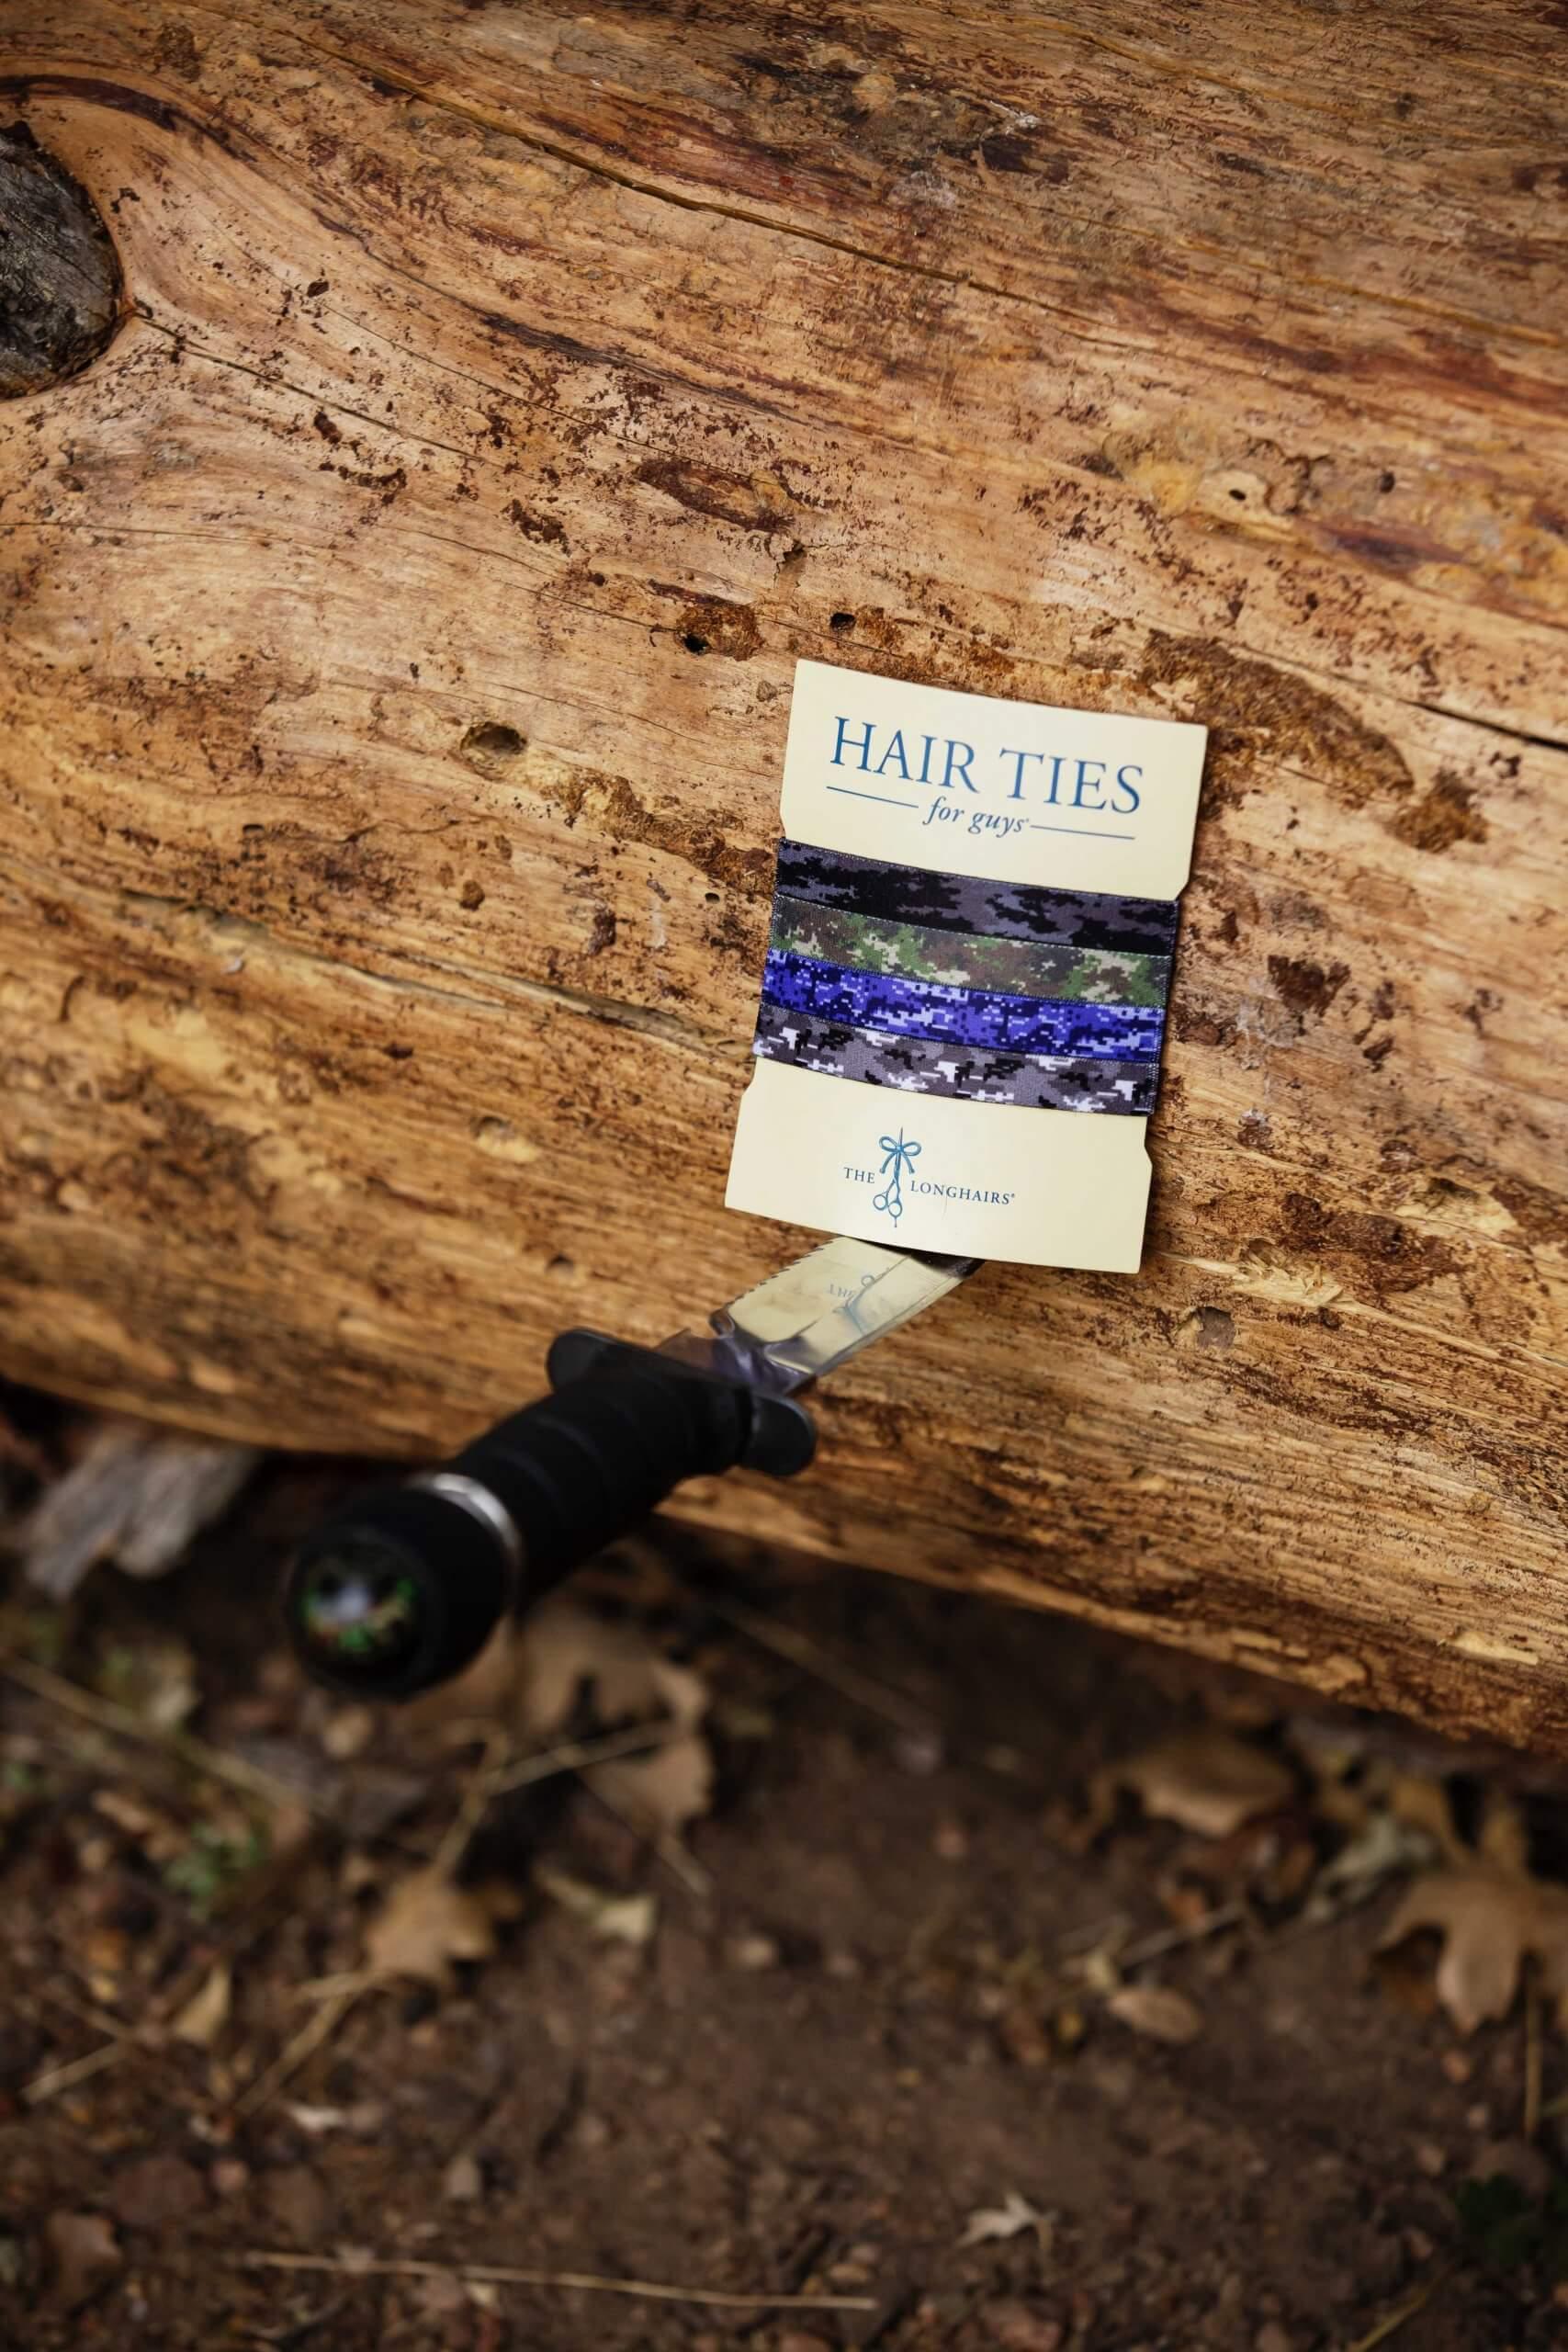 The I Can't See You's being held by a knife in tree at the camping trip photo shoot